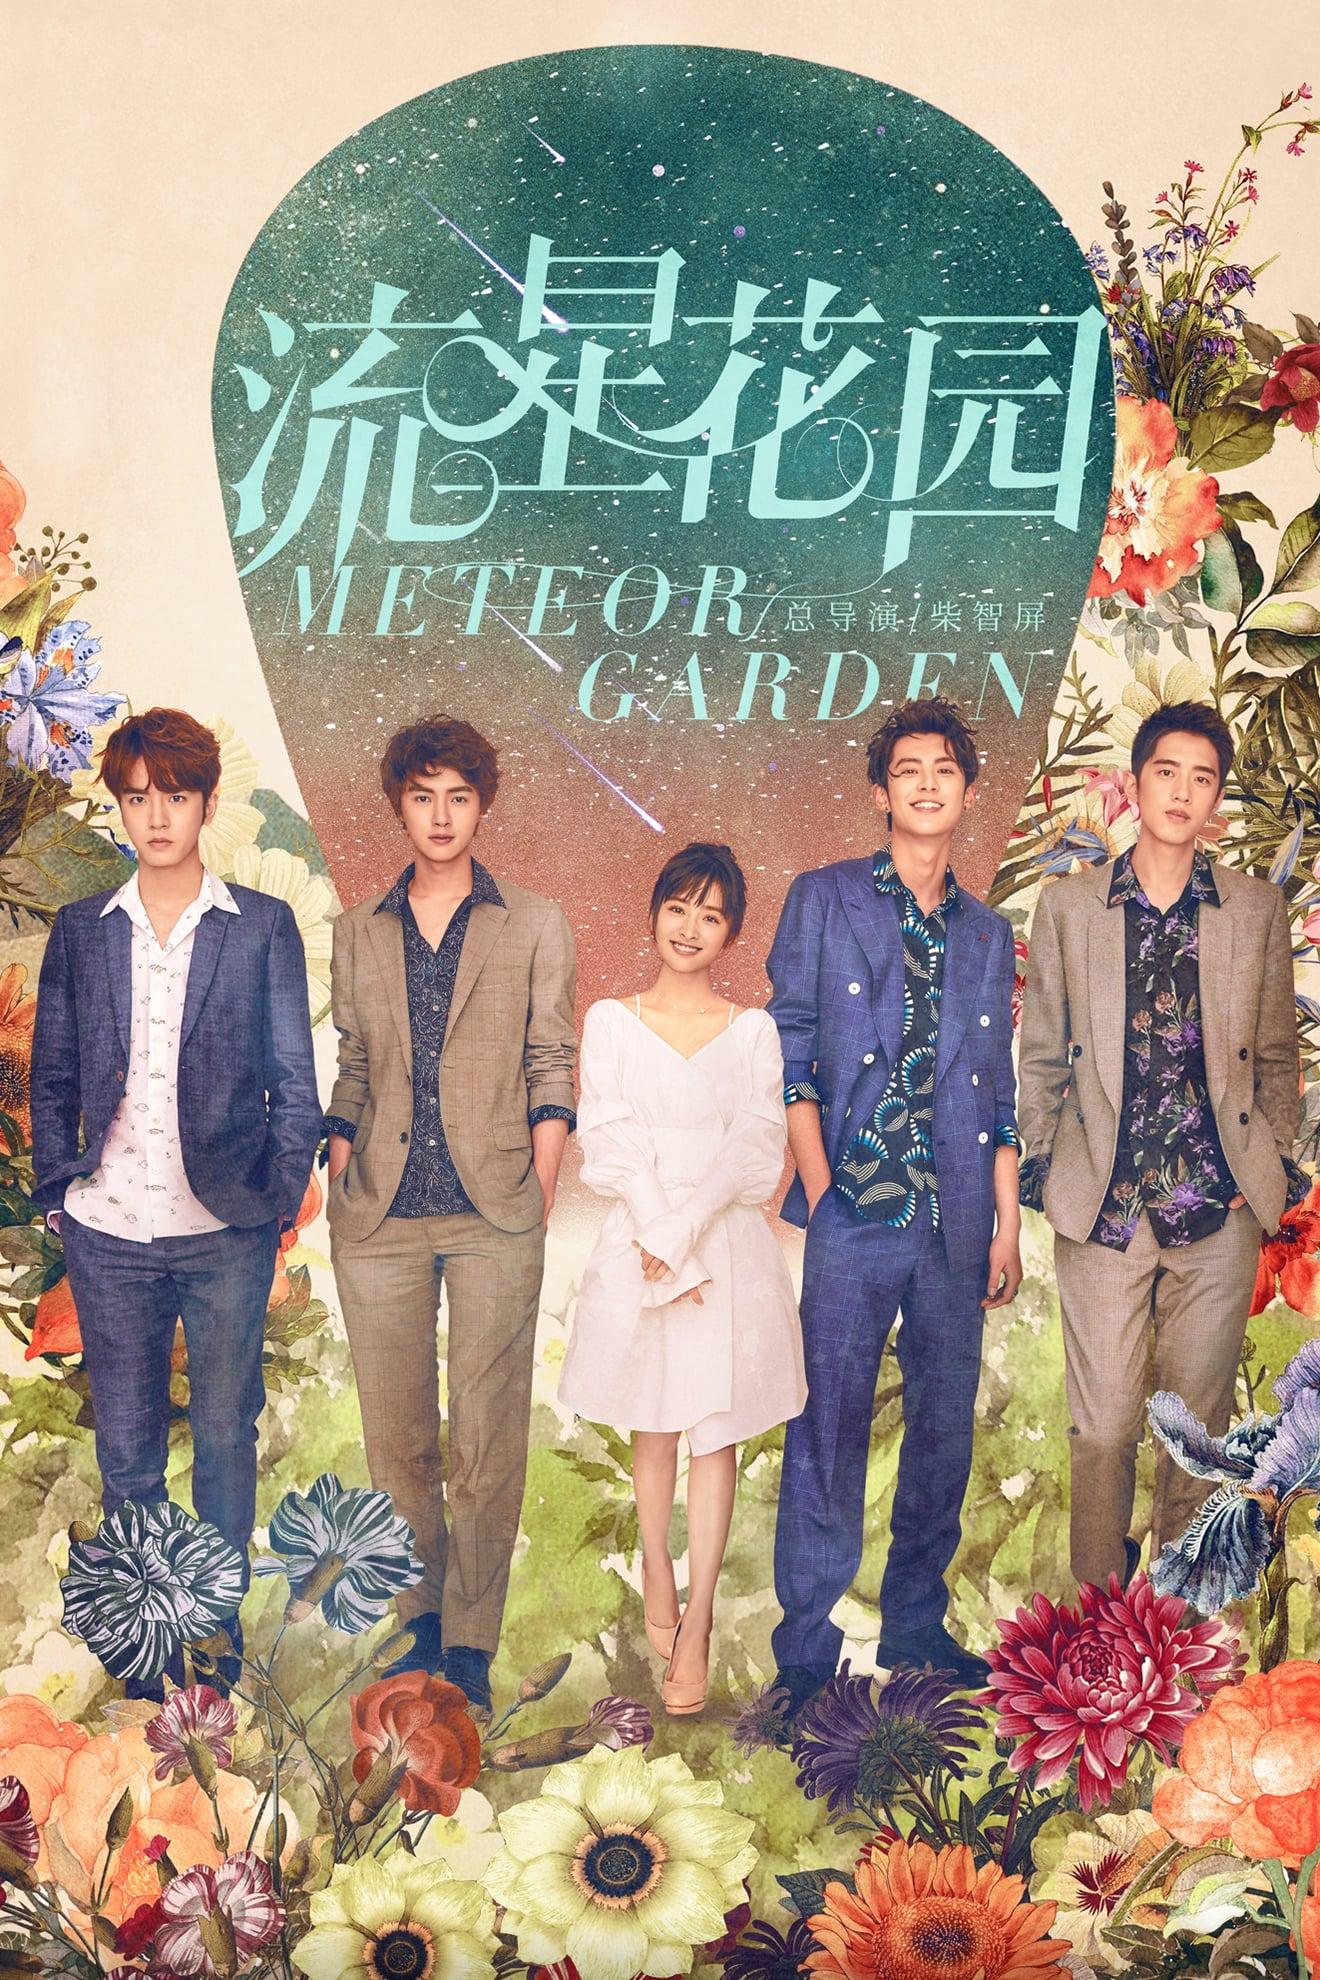 Jardín de meteoros (Meteor Garden) poster